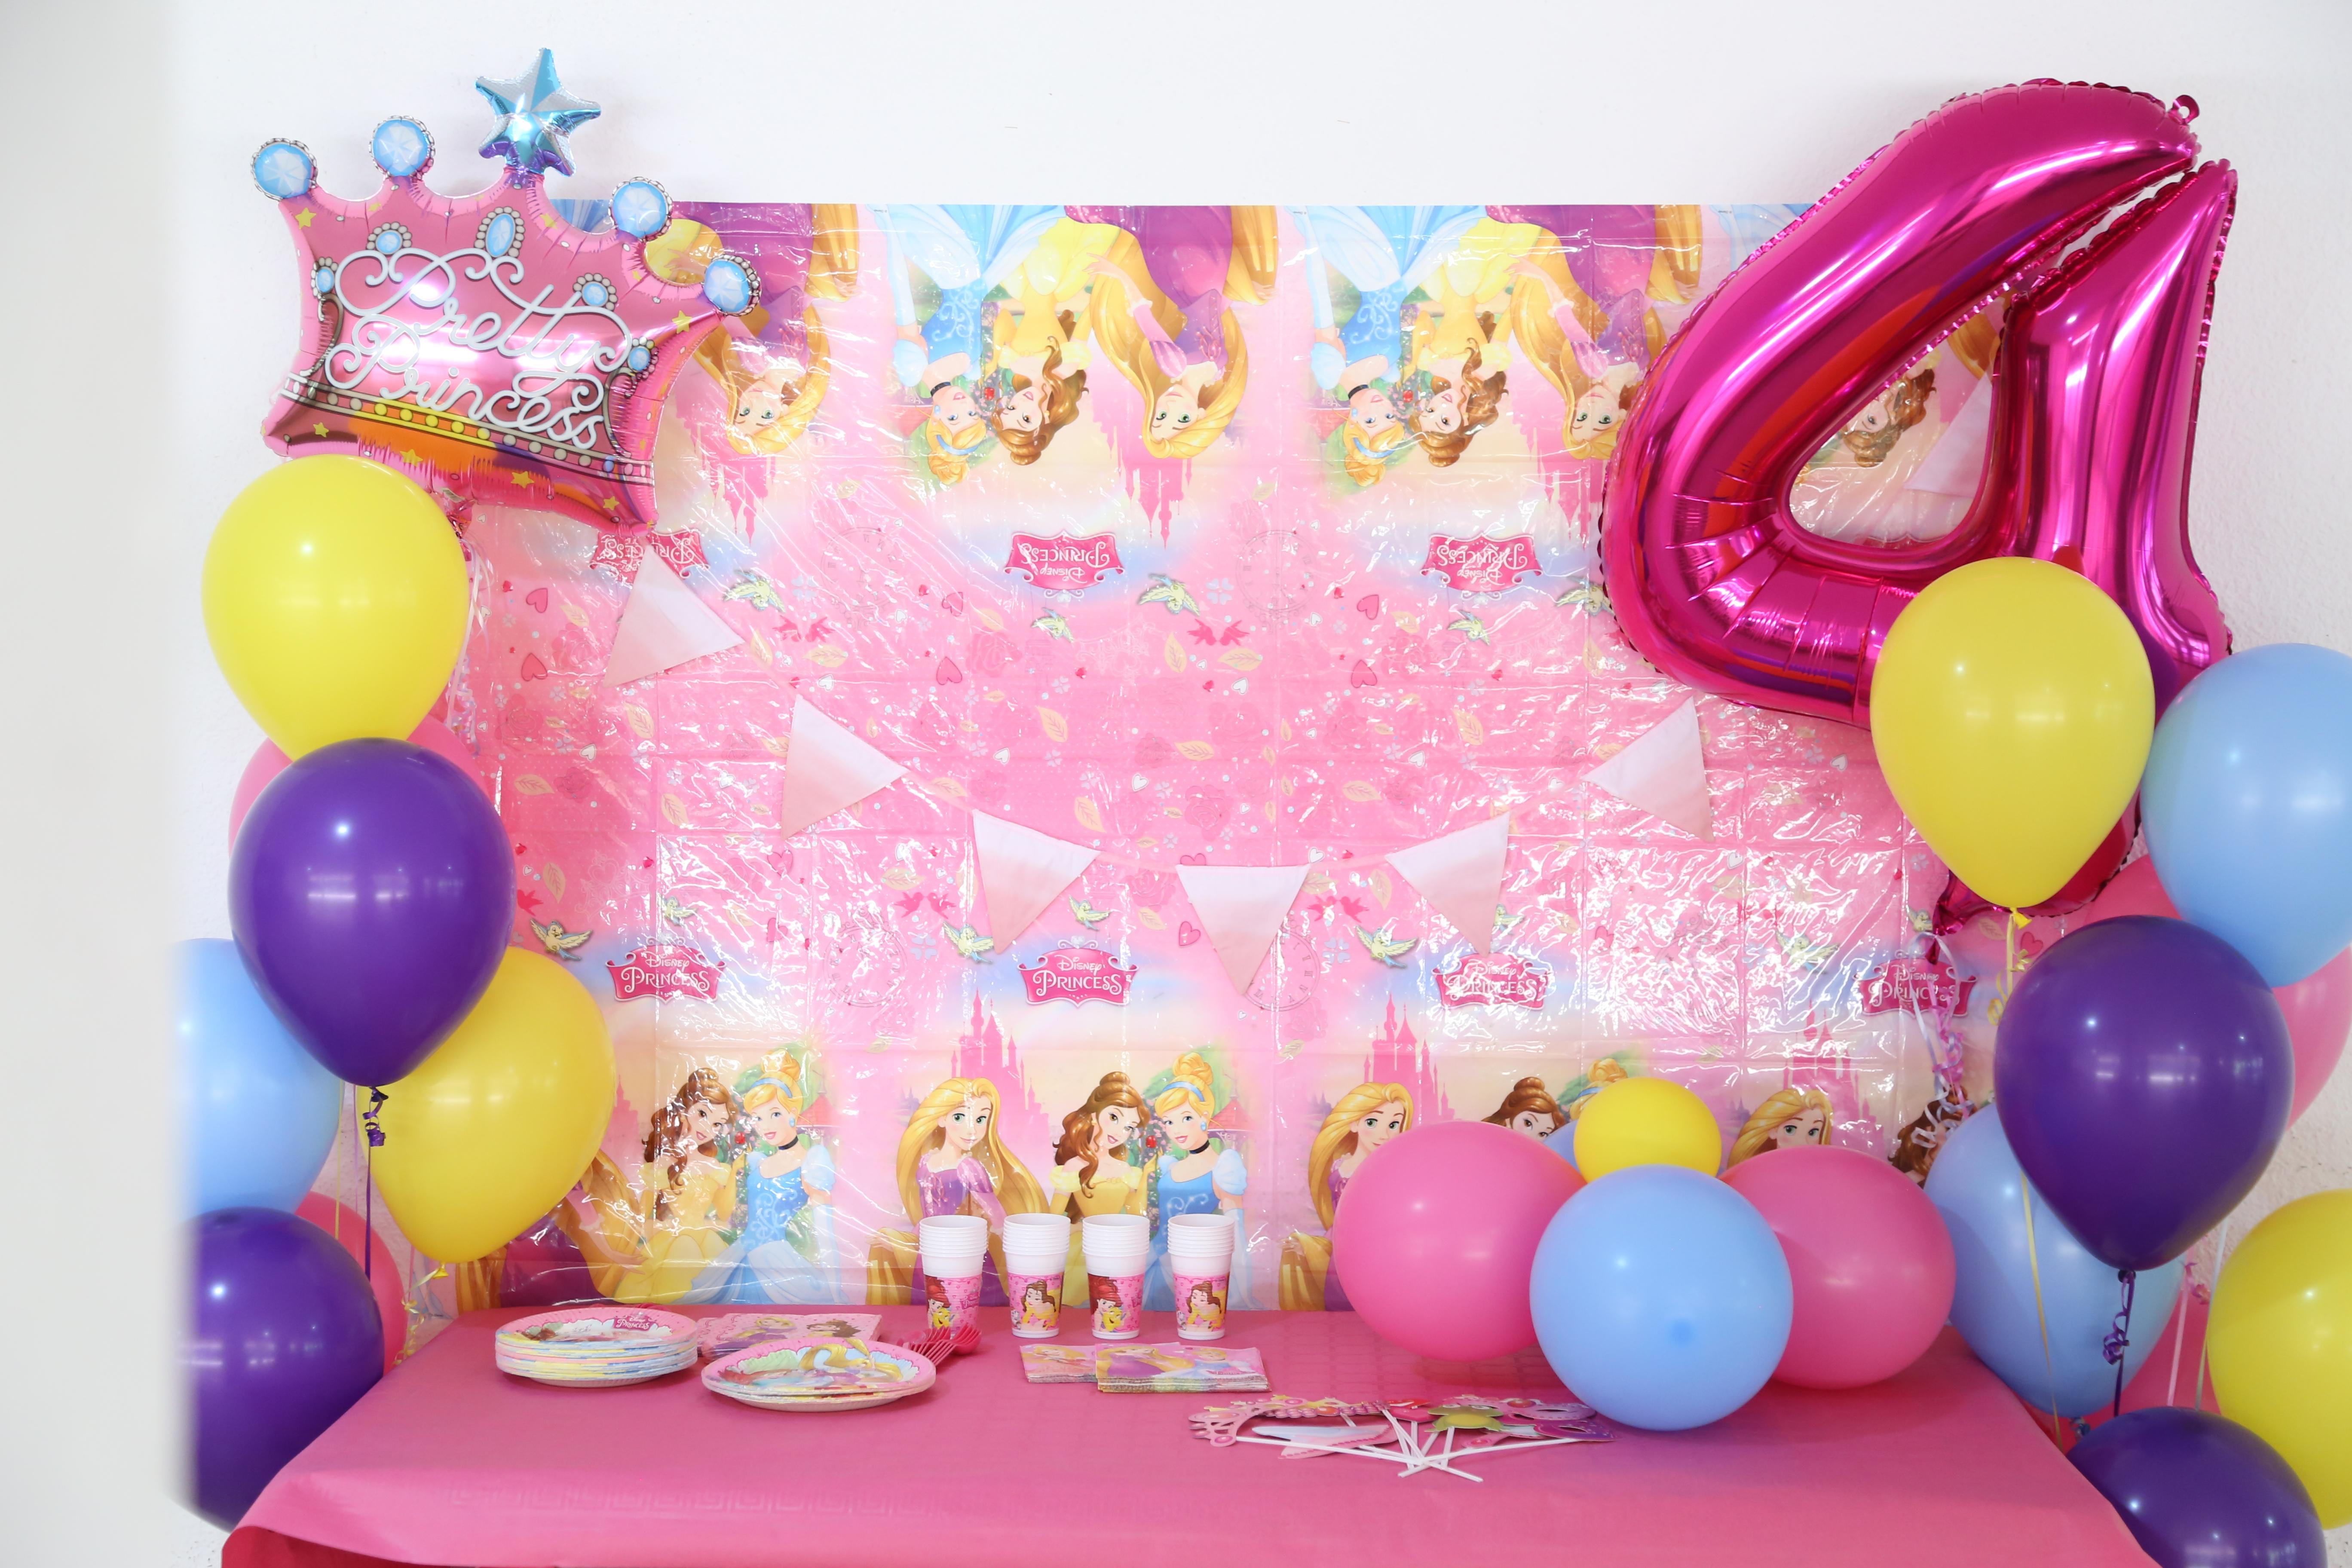 Cumplea os de princesas disney coco y manuela - Fiestas de cumpleanos de princesas ...